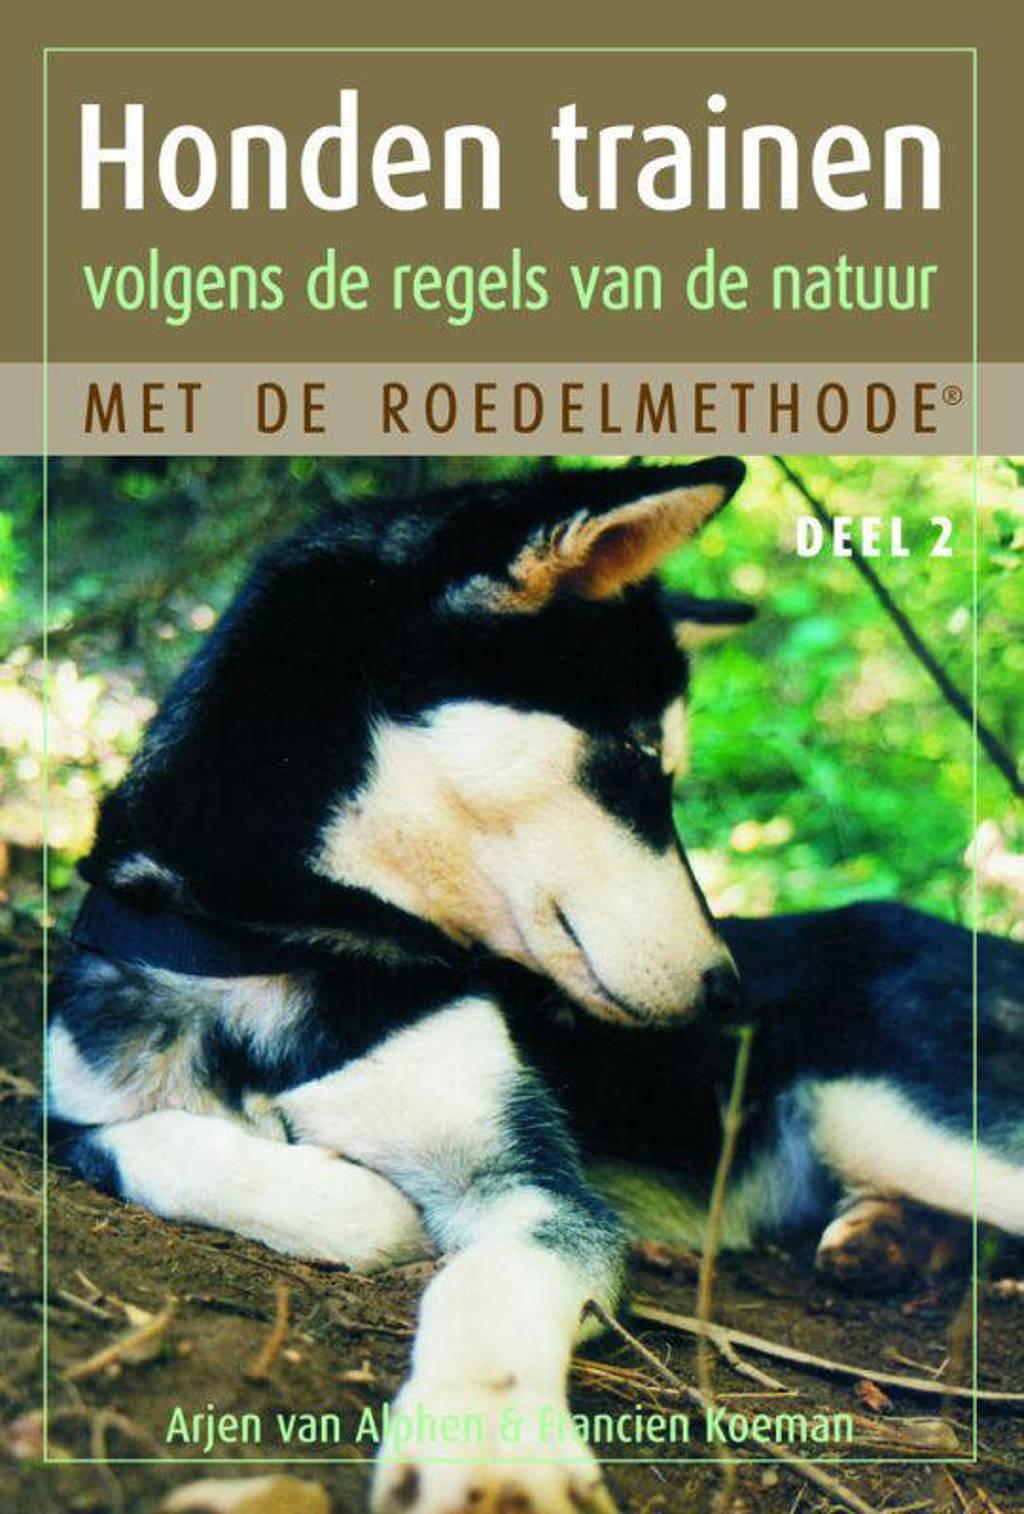 Honden trainen volgens de regels van de natuur met de roedelmethode deel 2 - Arjen van Alphen en Francien Koeman